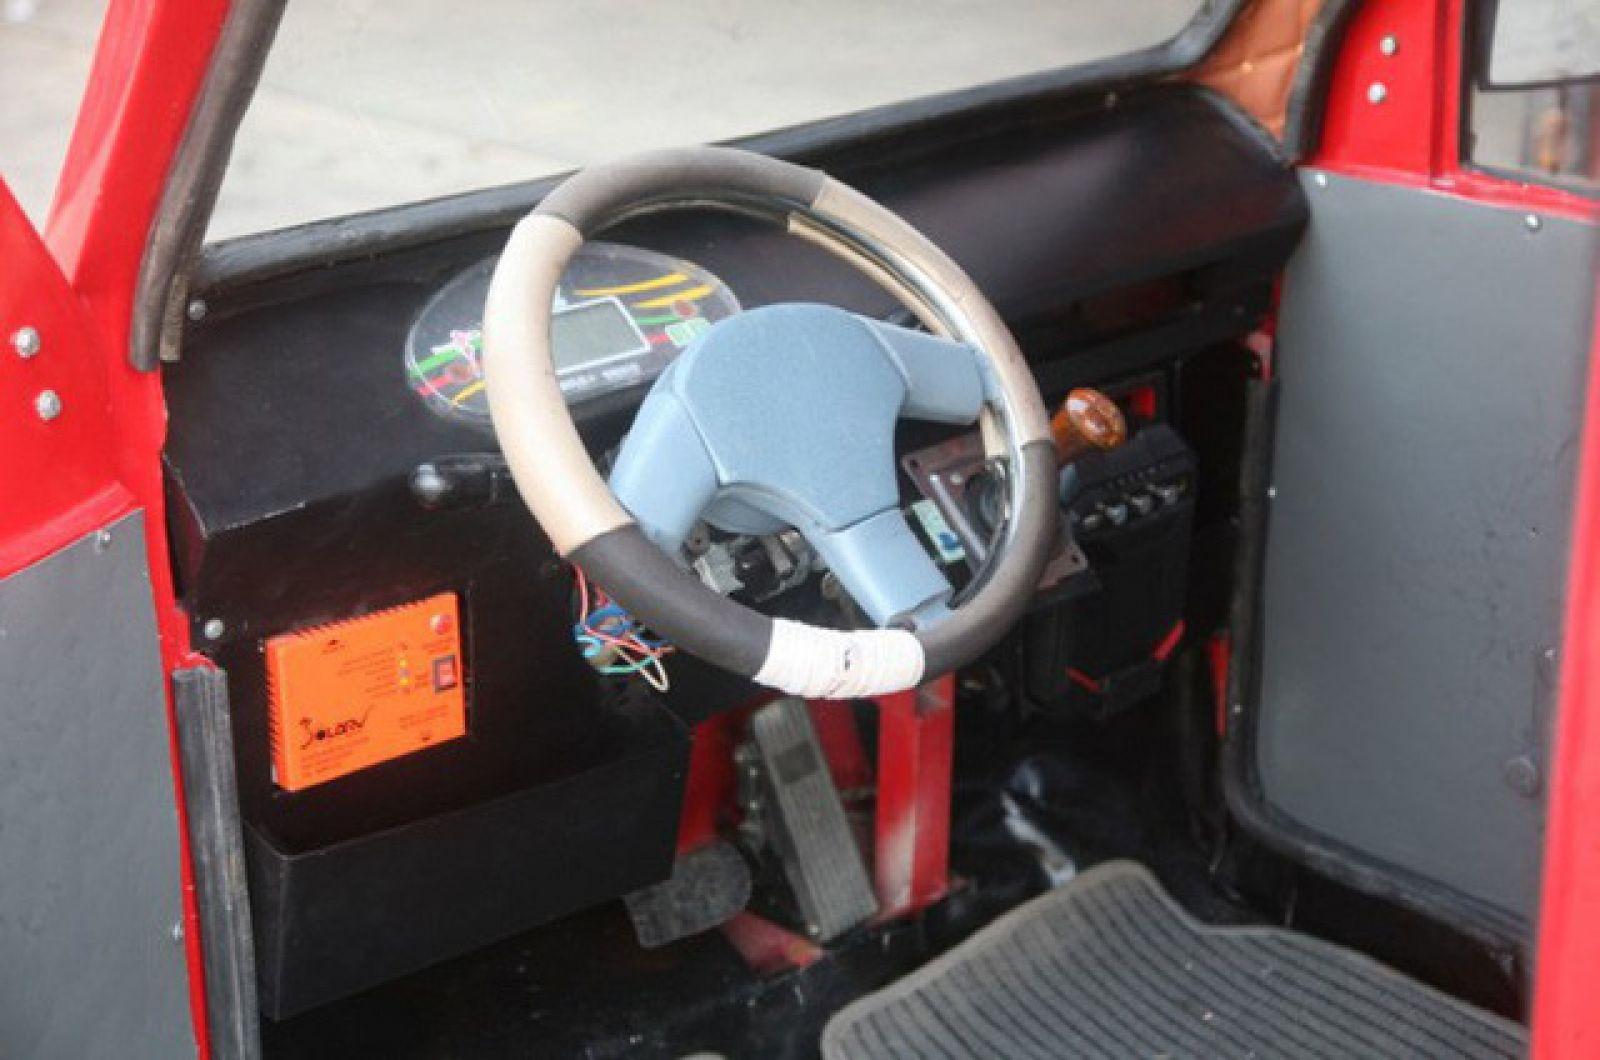 Nhiều thiết bị trong xe được Ngô Việt Cường tận dụng từ đồ cũ trong xưởng sửa xe của bố.